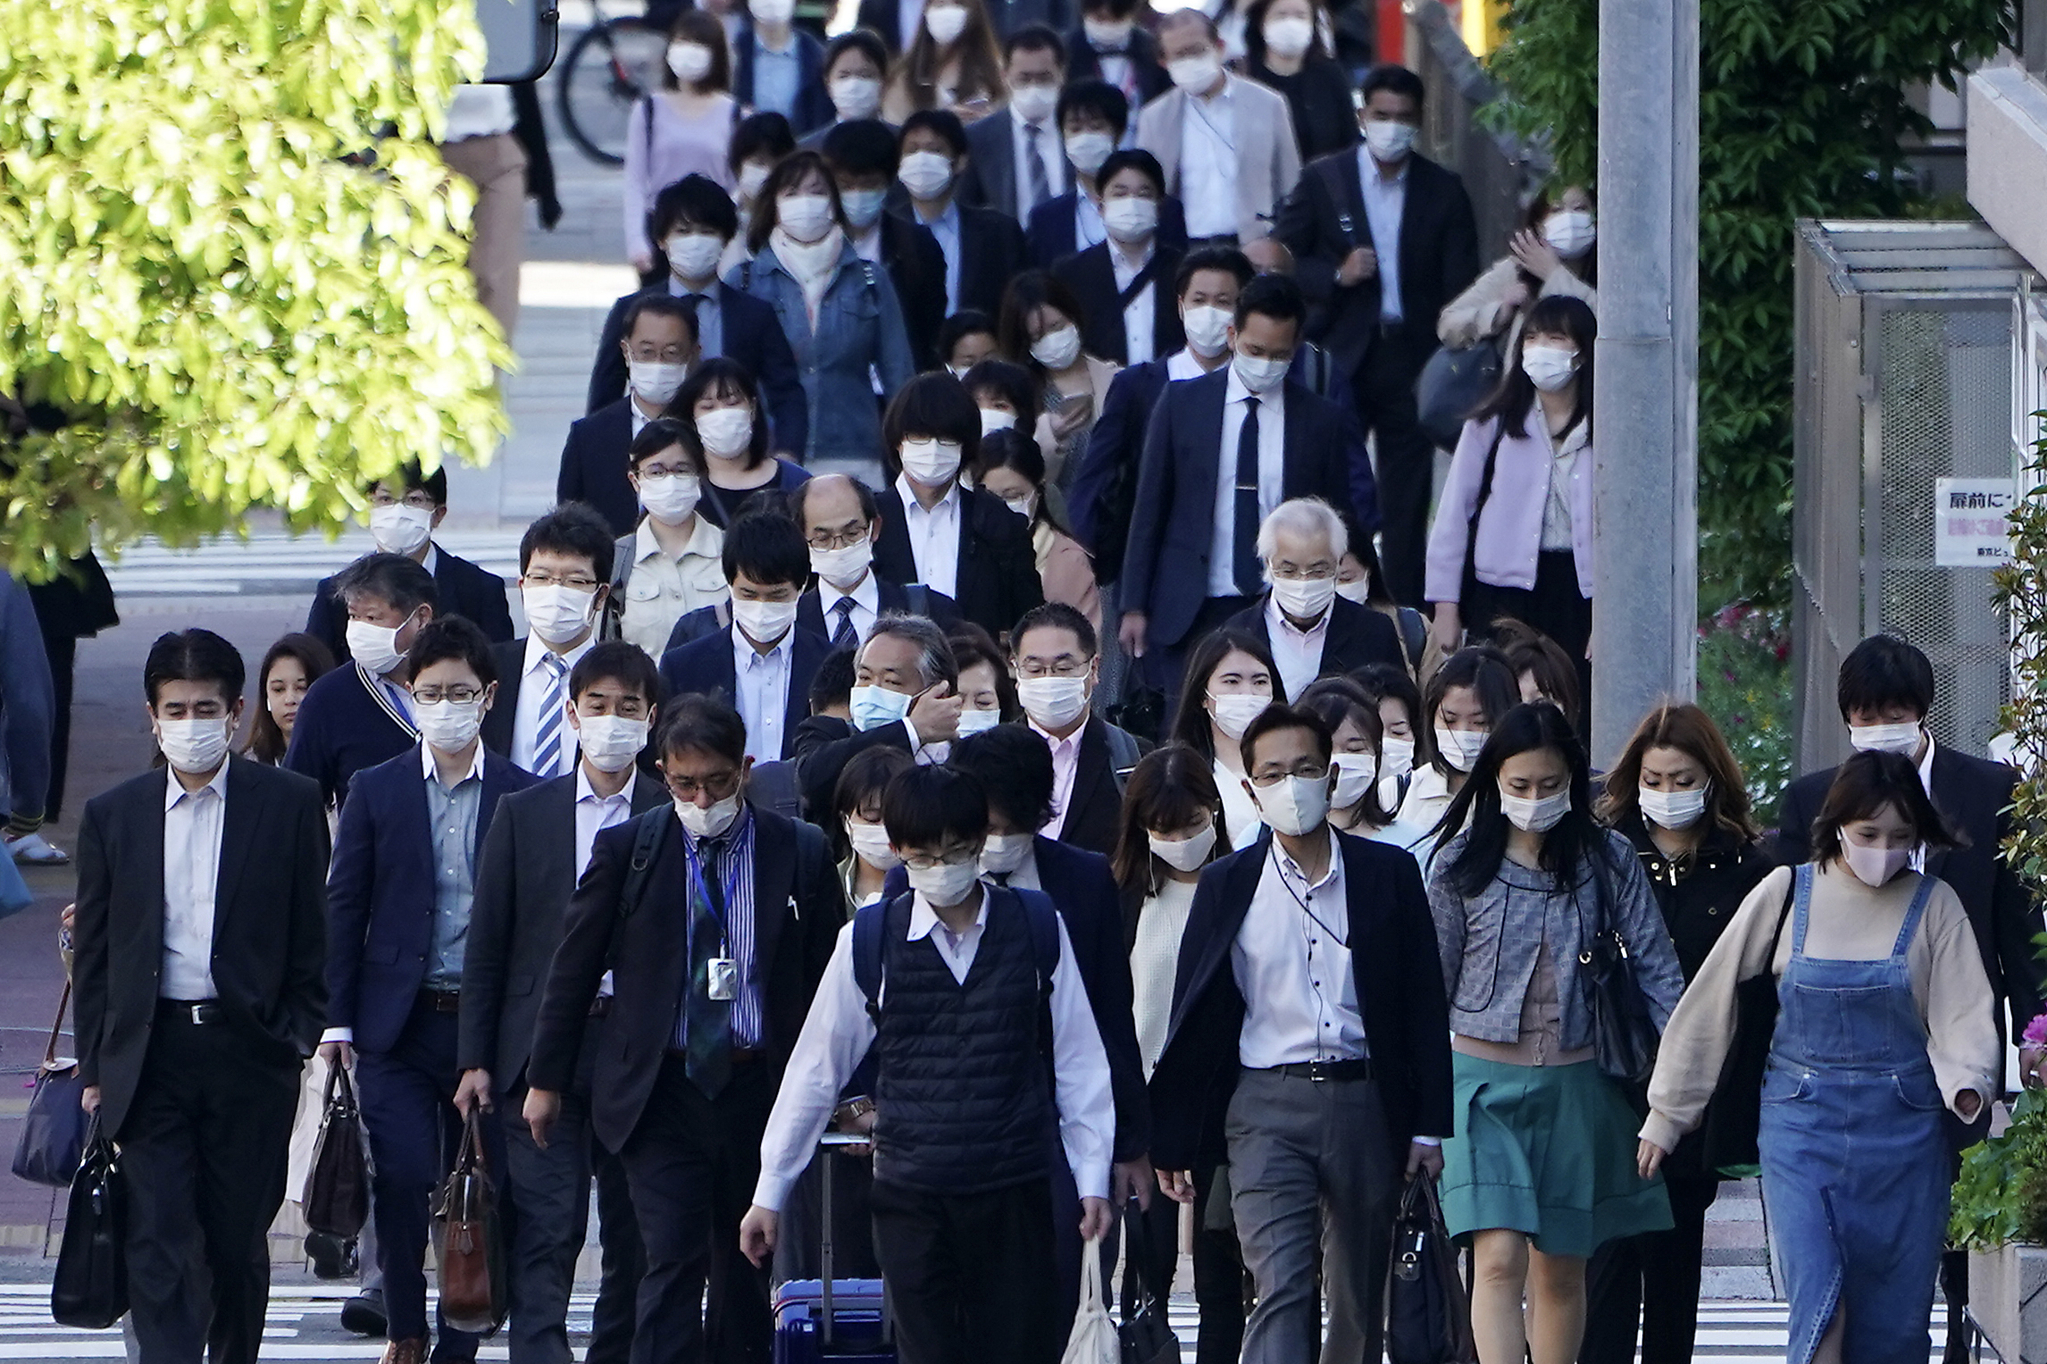 하루에 코로나 1300명 쏟아졌다…역대 최고치 갈아치운 일본